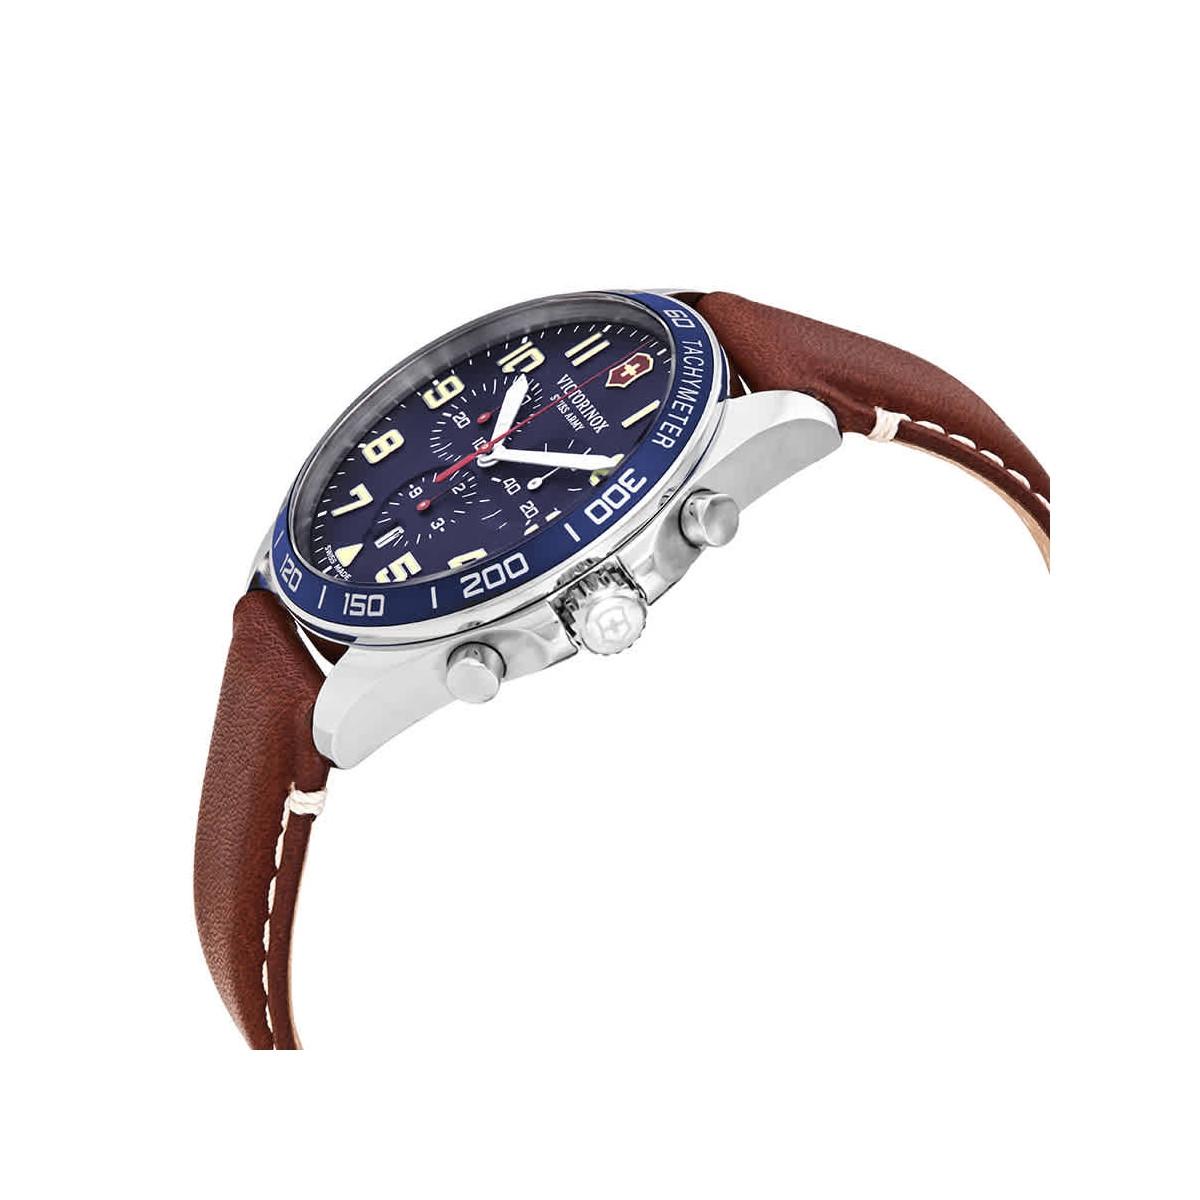 Montre Homme Victorinox FIELDFORCE Chronograph, cadran bleu, bracelet cuir marron - 42 mm